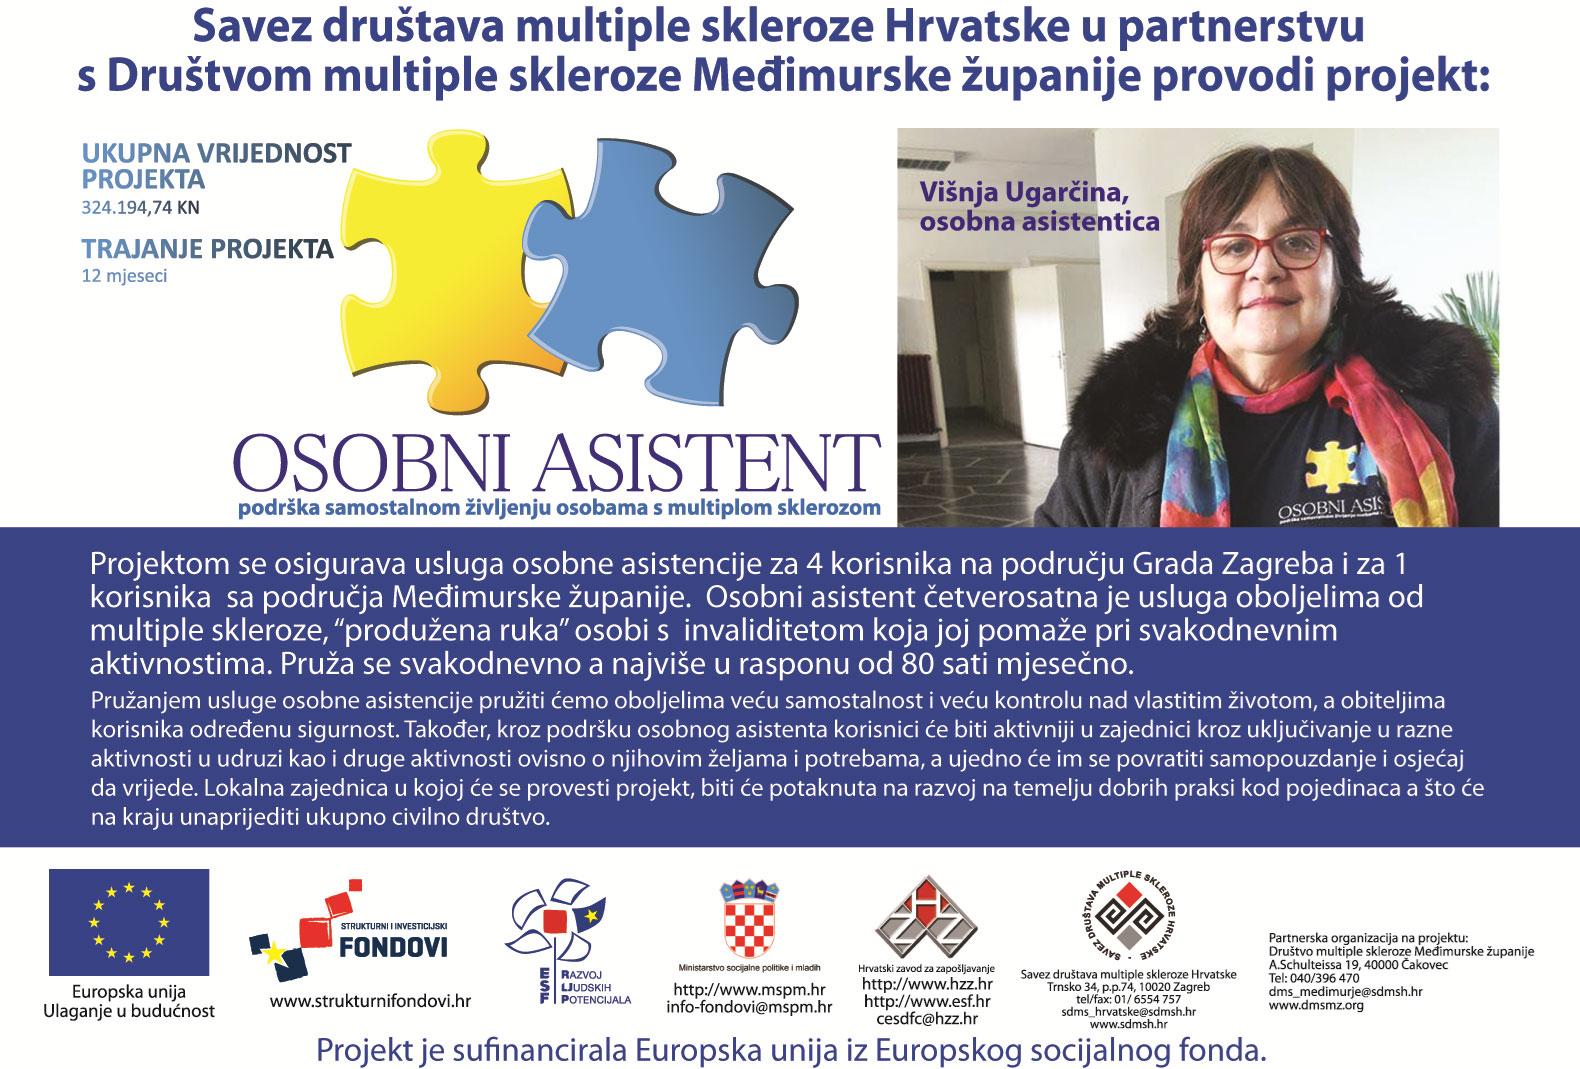 Osobni asistent – podrška samostalnom življenju osobama s multiplom sklerozom